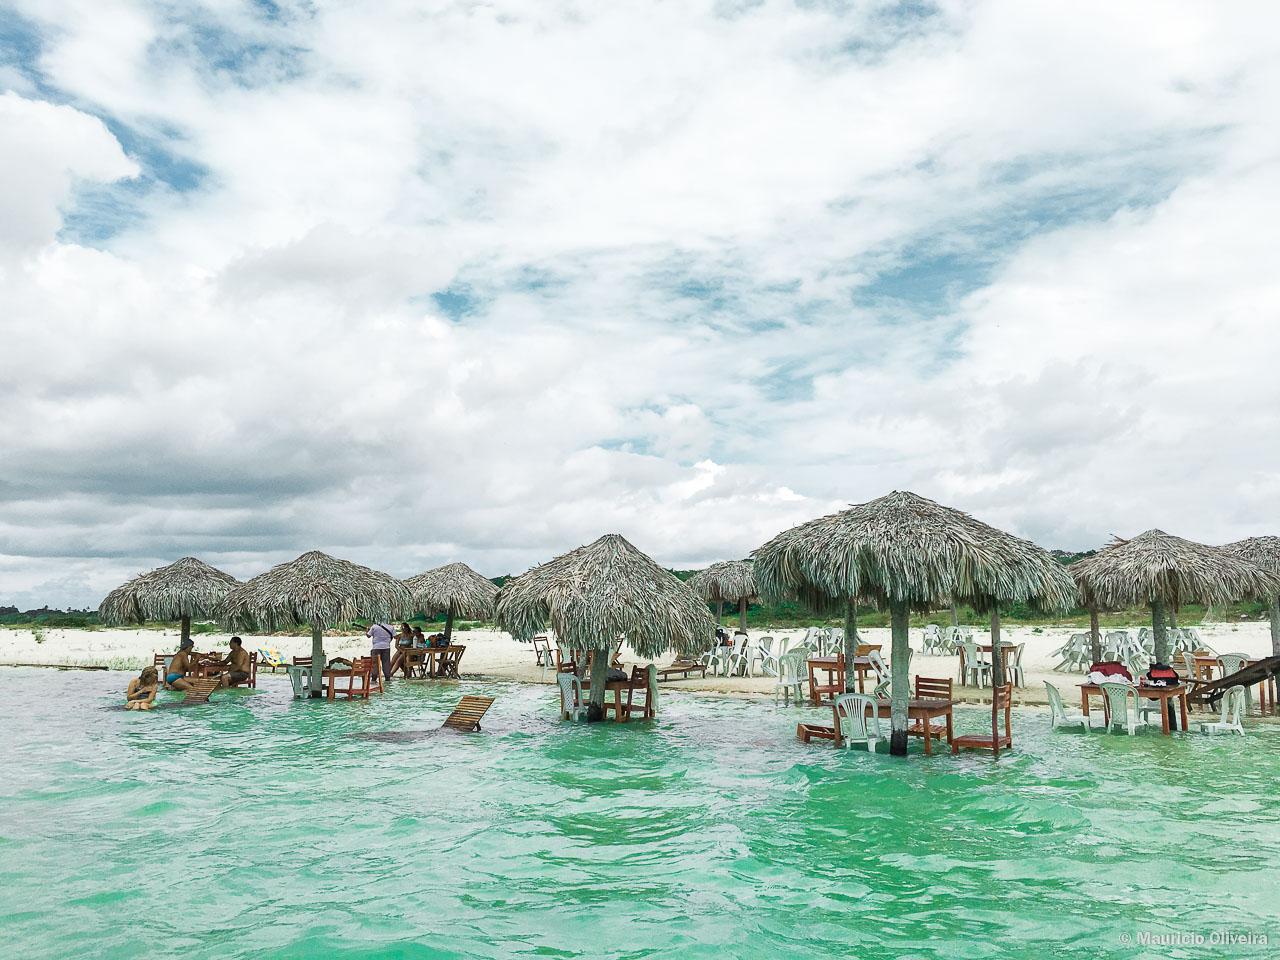 Tranquilidade na Lagoa do Paraíso - CE